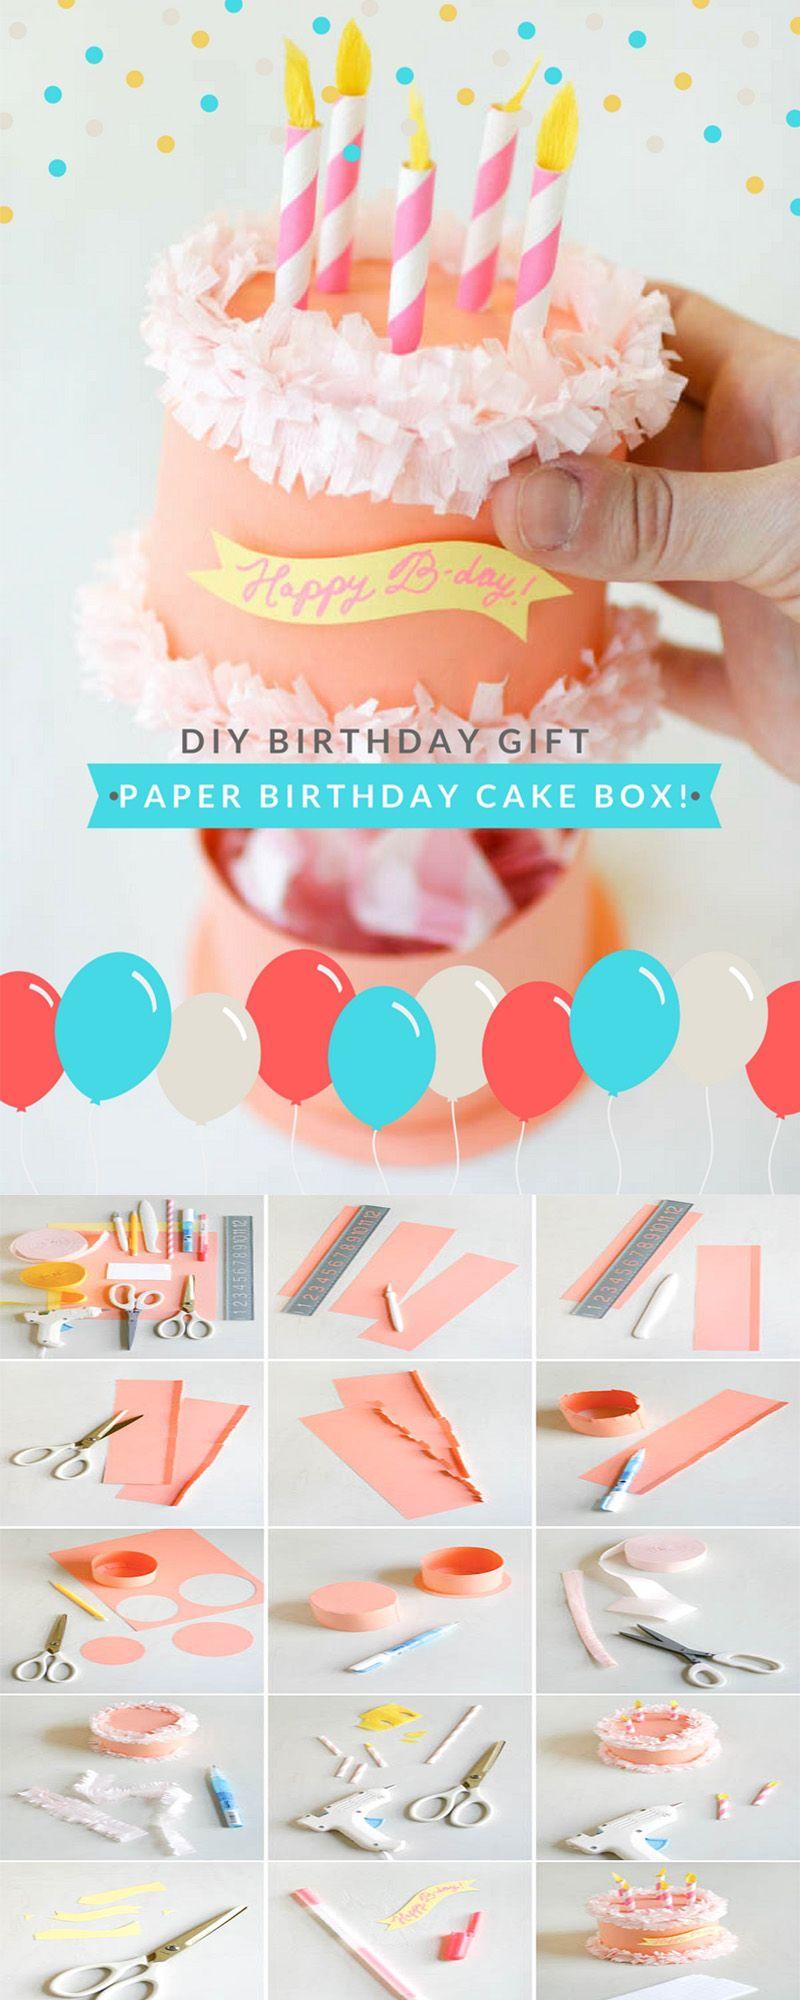 diy birthday cake box boyfriend gift ideas bricolage cadeau anniversaire. Black Bedroom Furniture Sets. Home Design Ideas